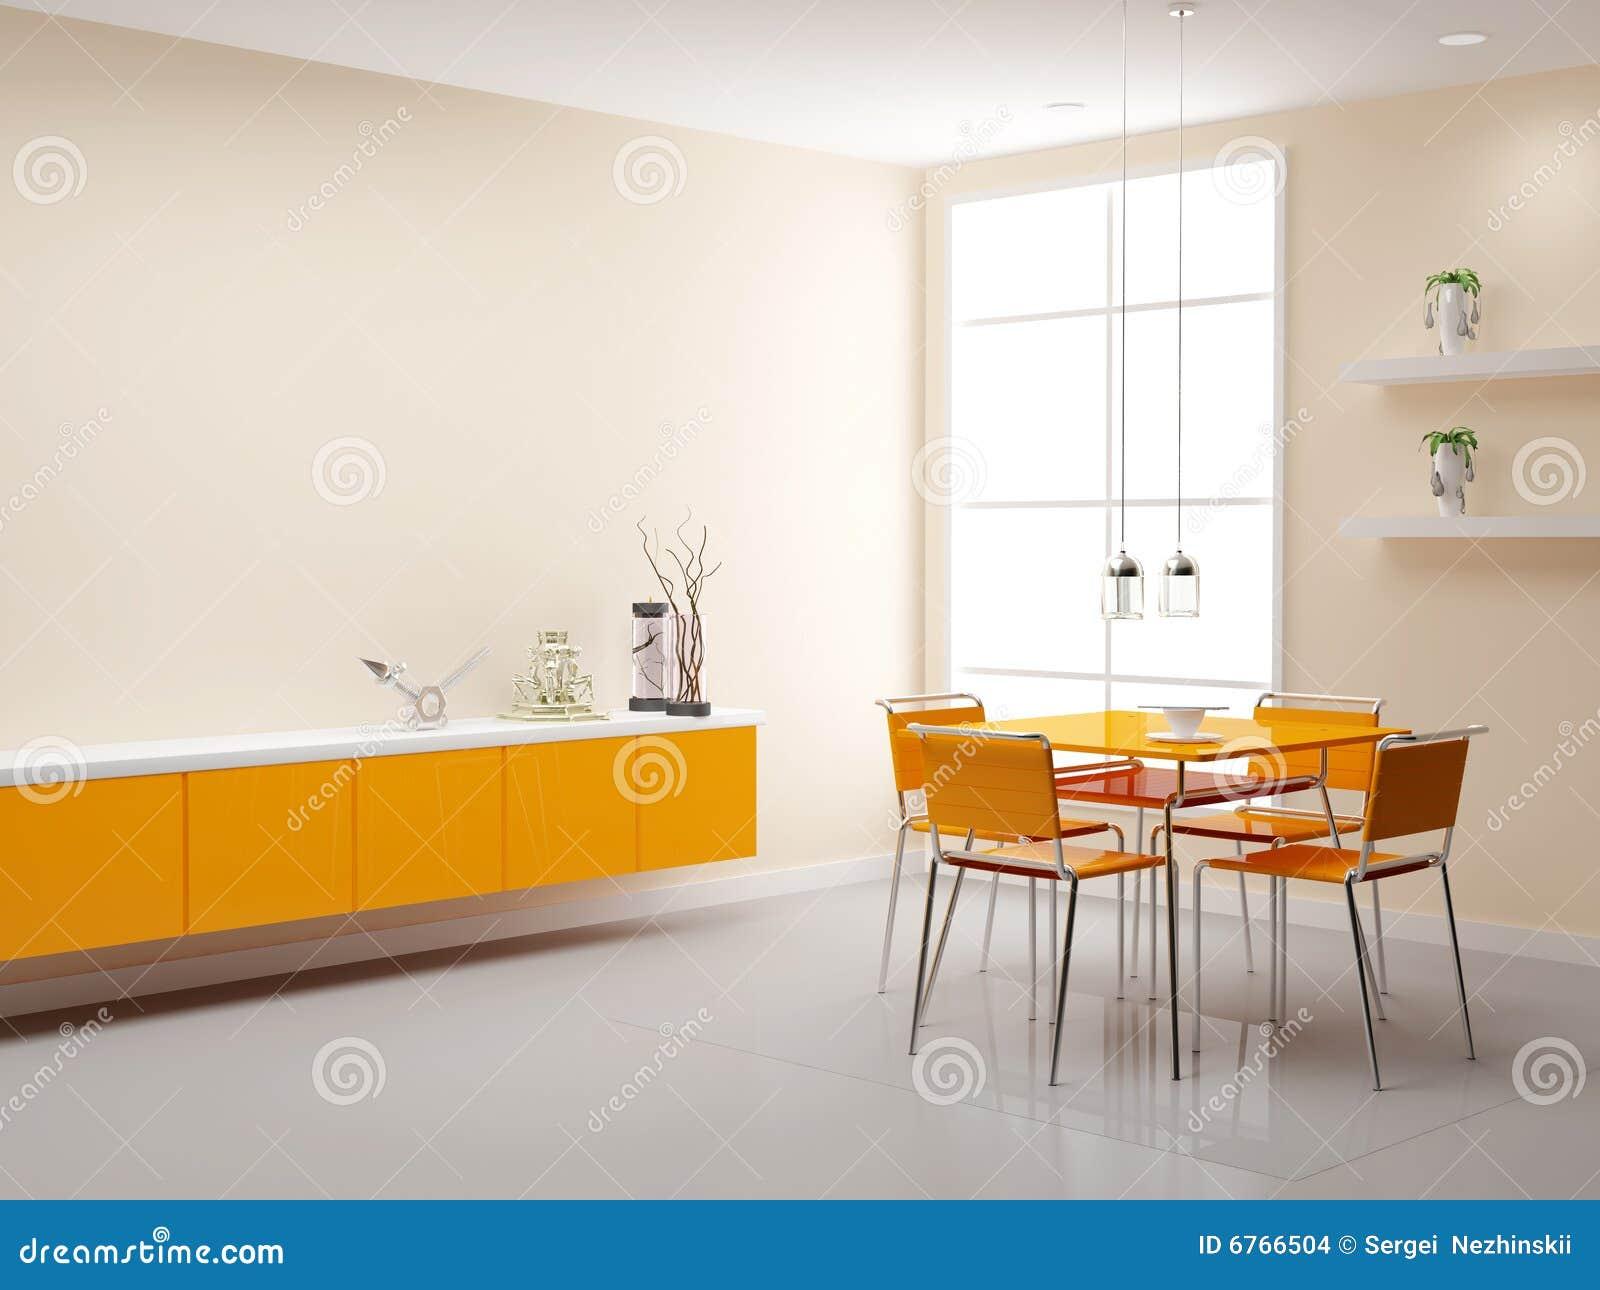 Moderne oranje keuken stock foto's– 139 moderne oranje keuken ...